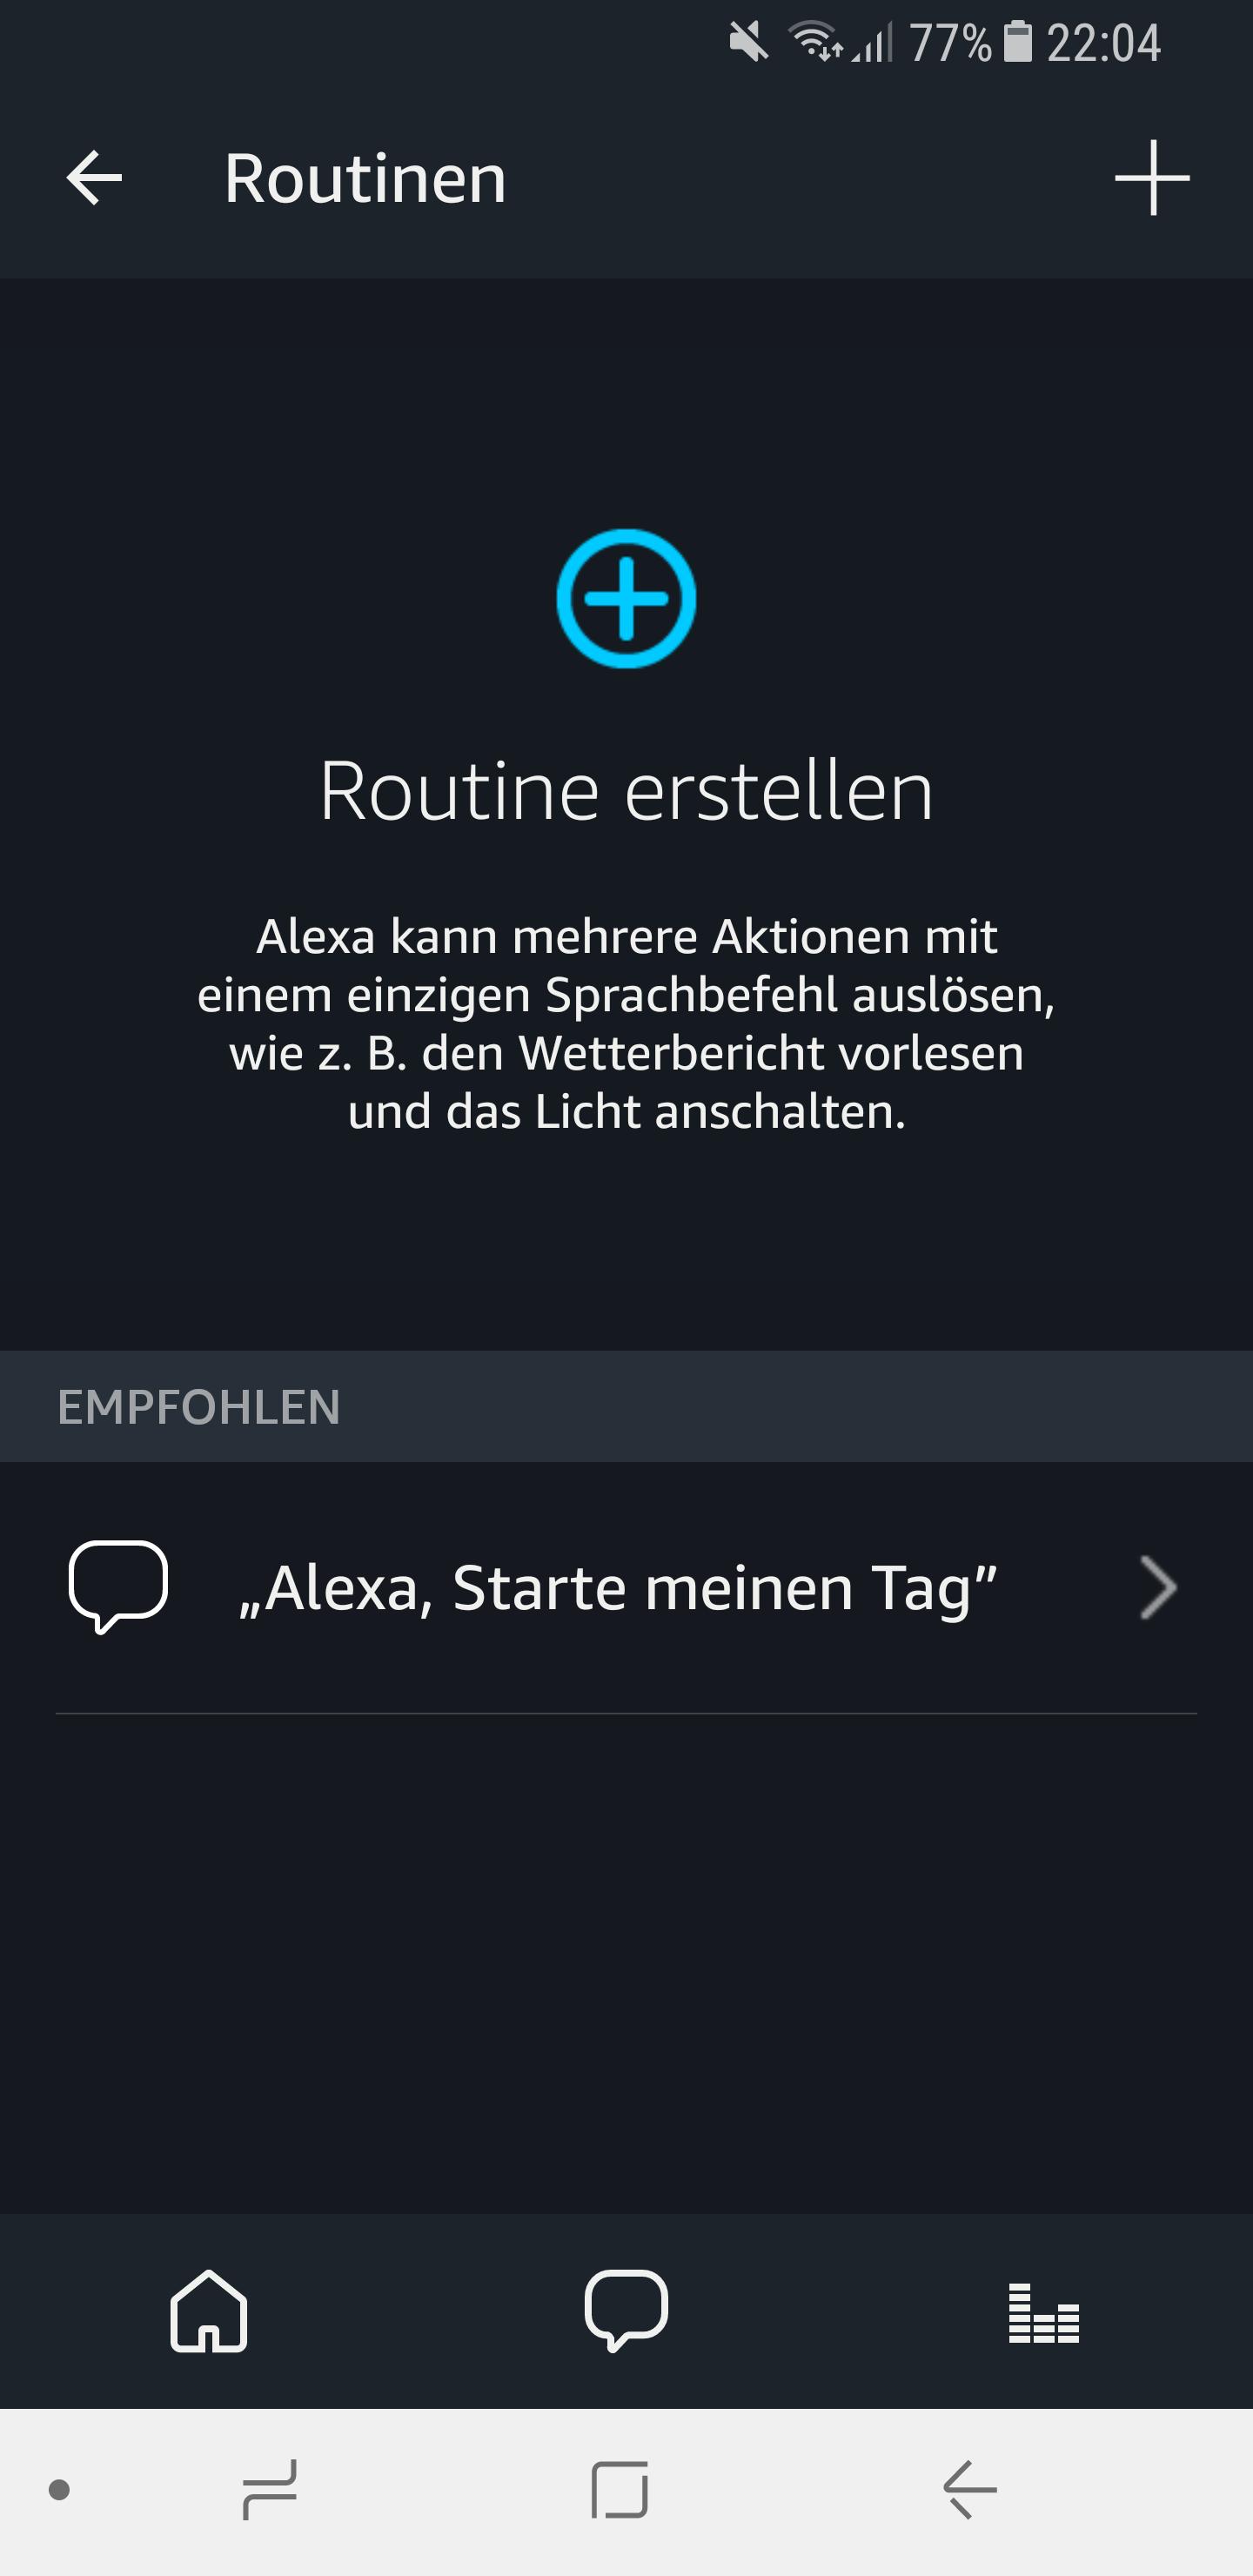 Routinen in der Amazon Alexa App einrichten und nutzen 2